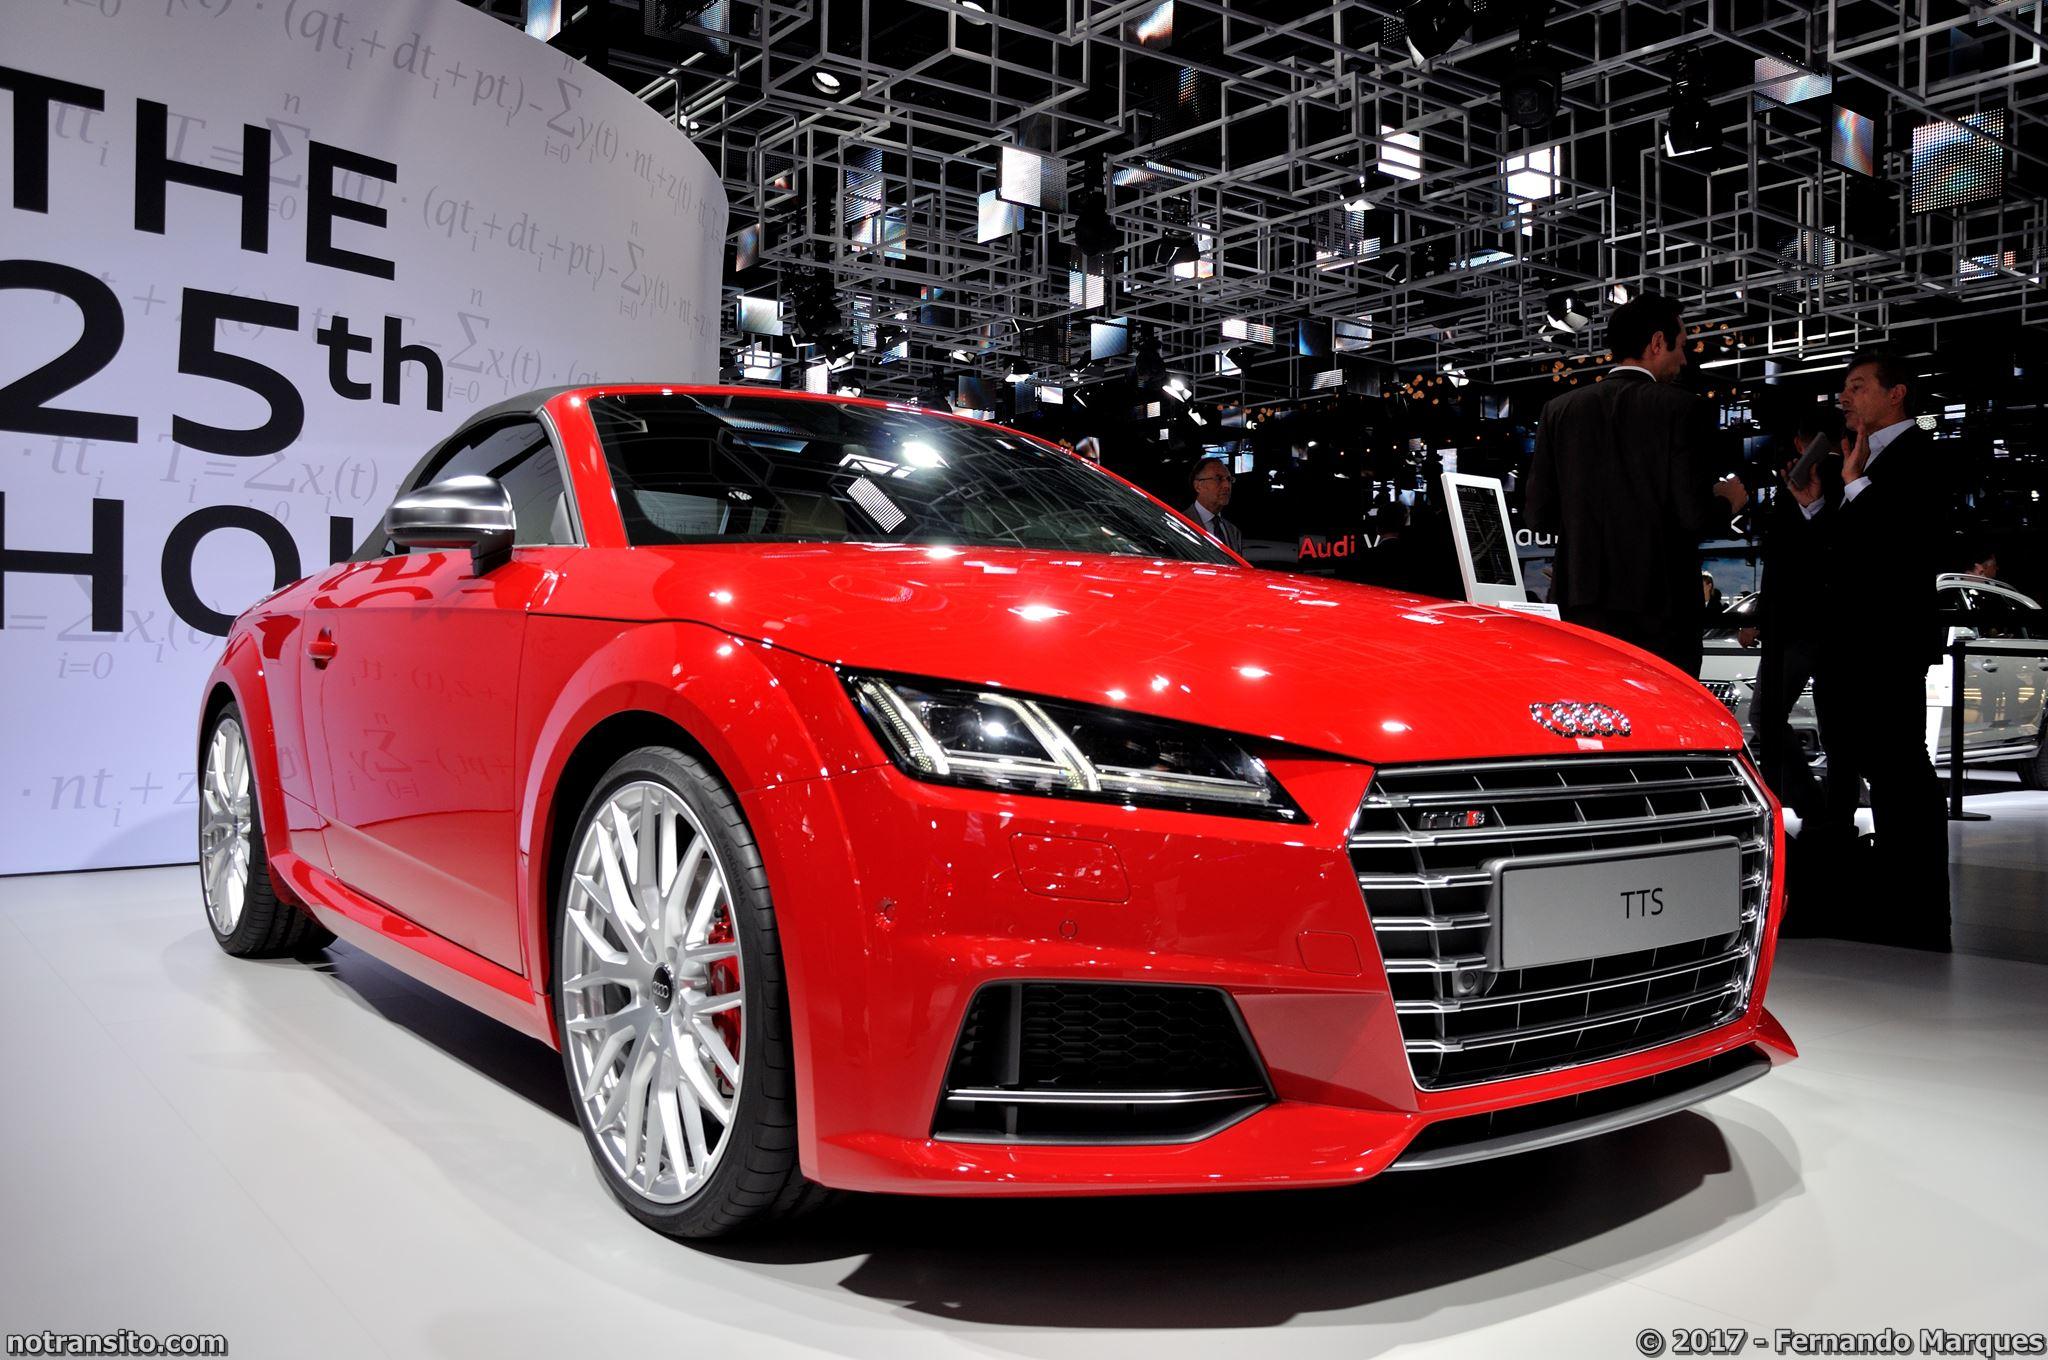 Audi-TTS-Frankfurt-2017-002